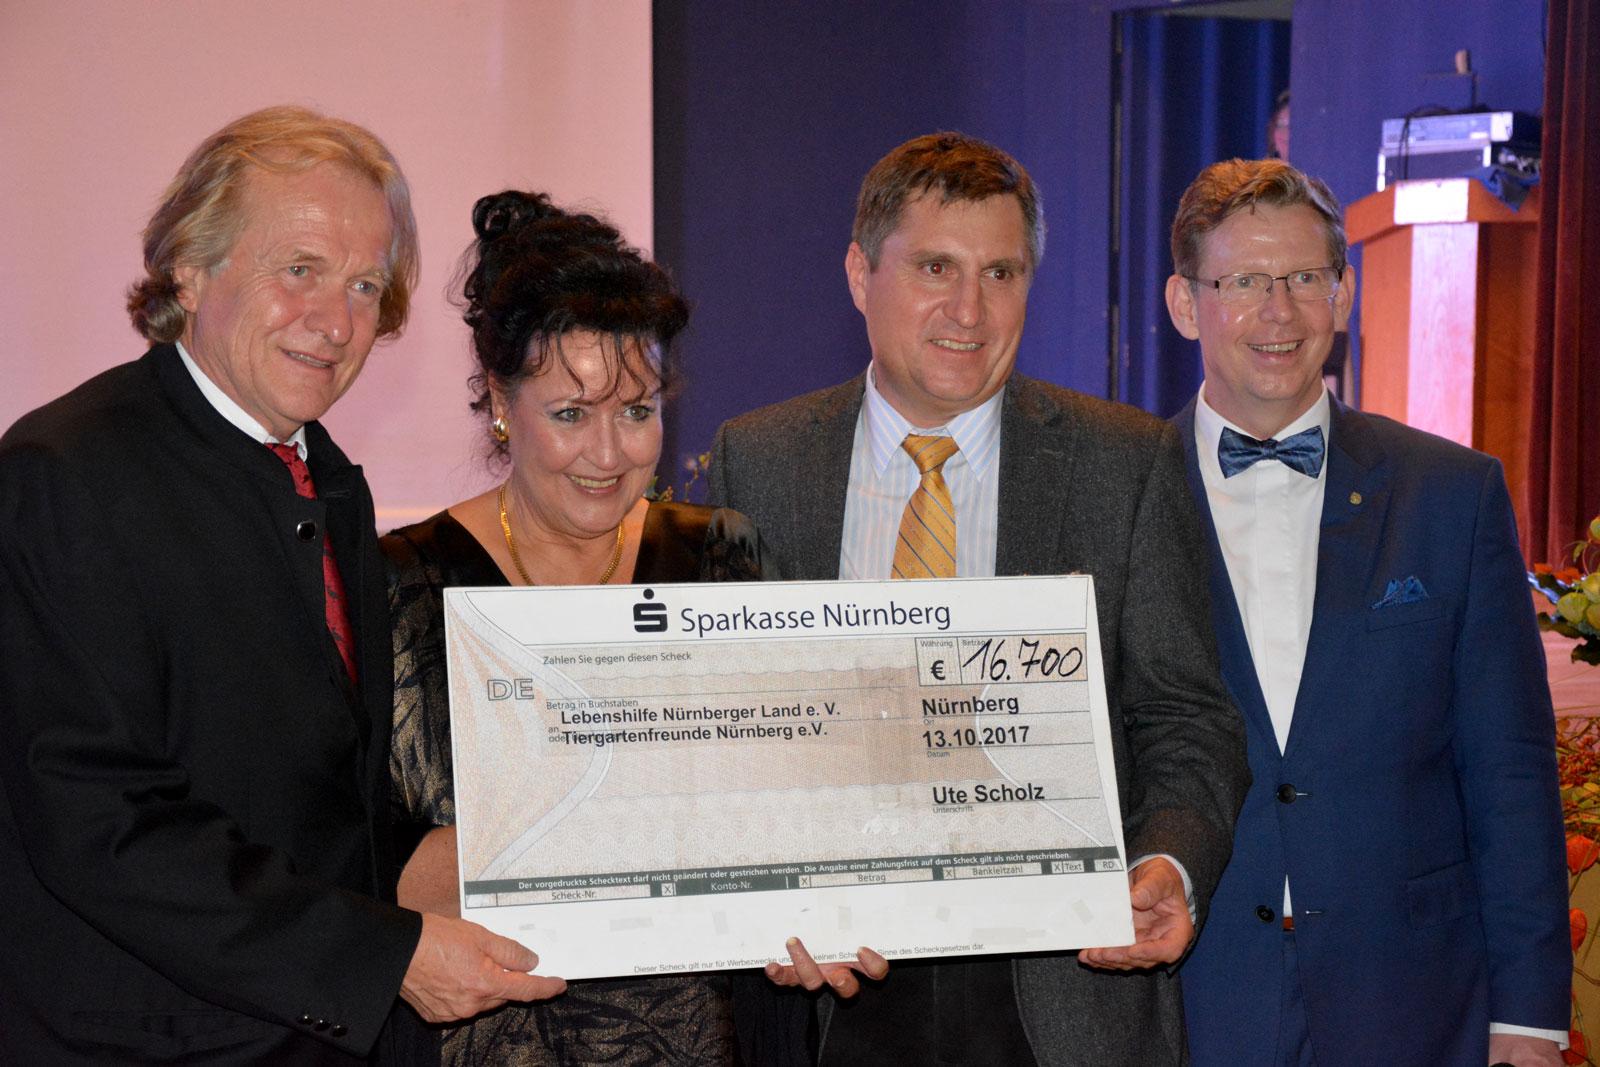 Die Freude über das tolle Ergebnis der Benefiz-Gala ist groß: Dr. Lorenzo von Fersen, Ute Scholz, Werner Merkel und Moderator Philips (v.l.). Foto: Lorenz Märtl